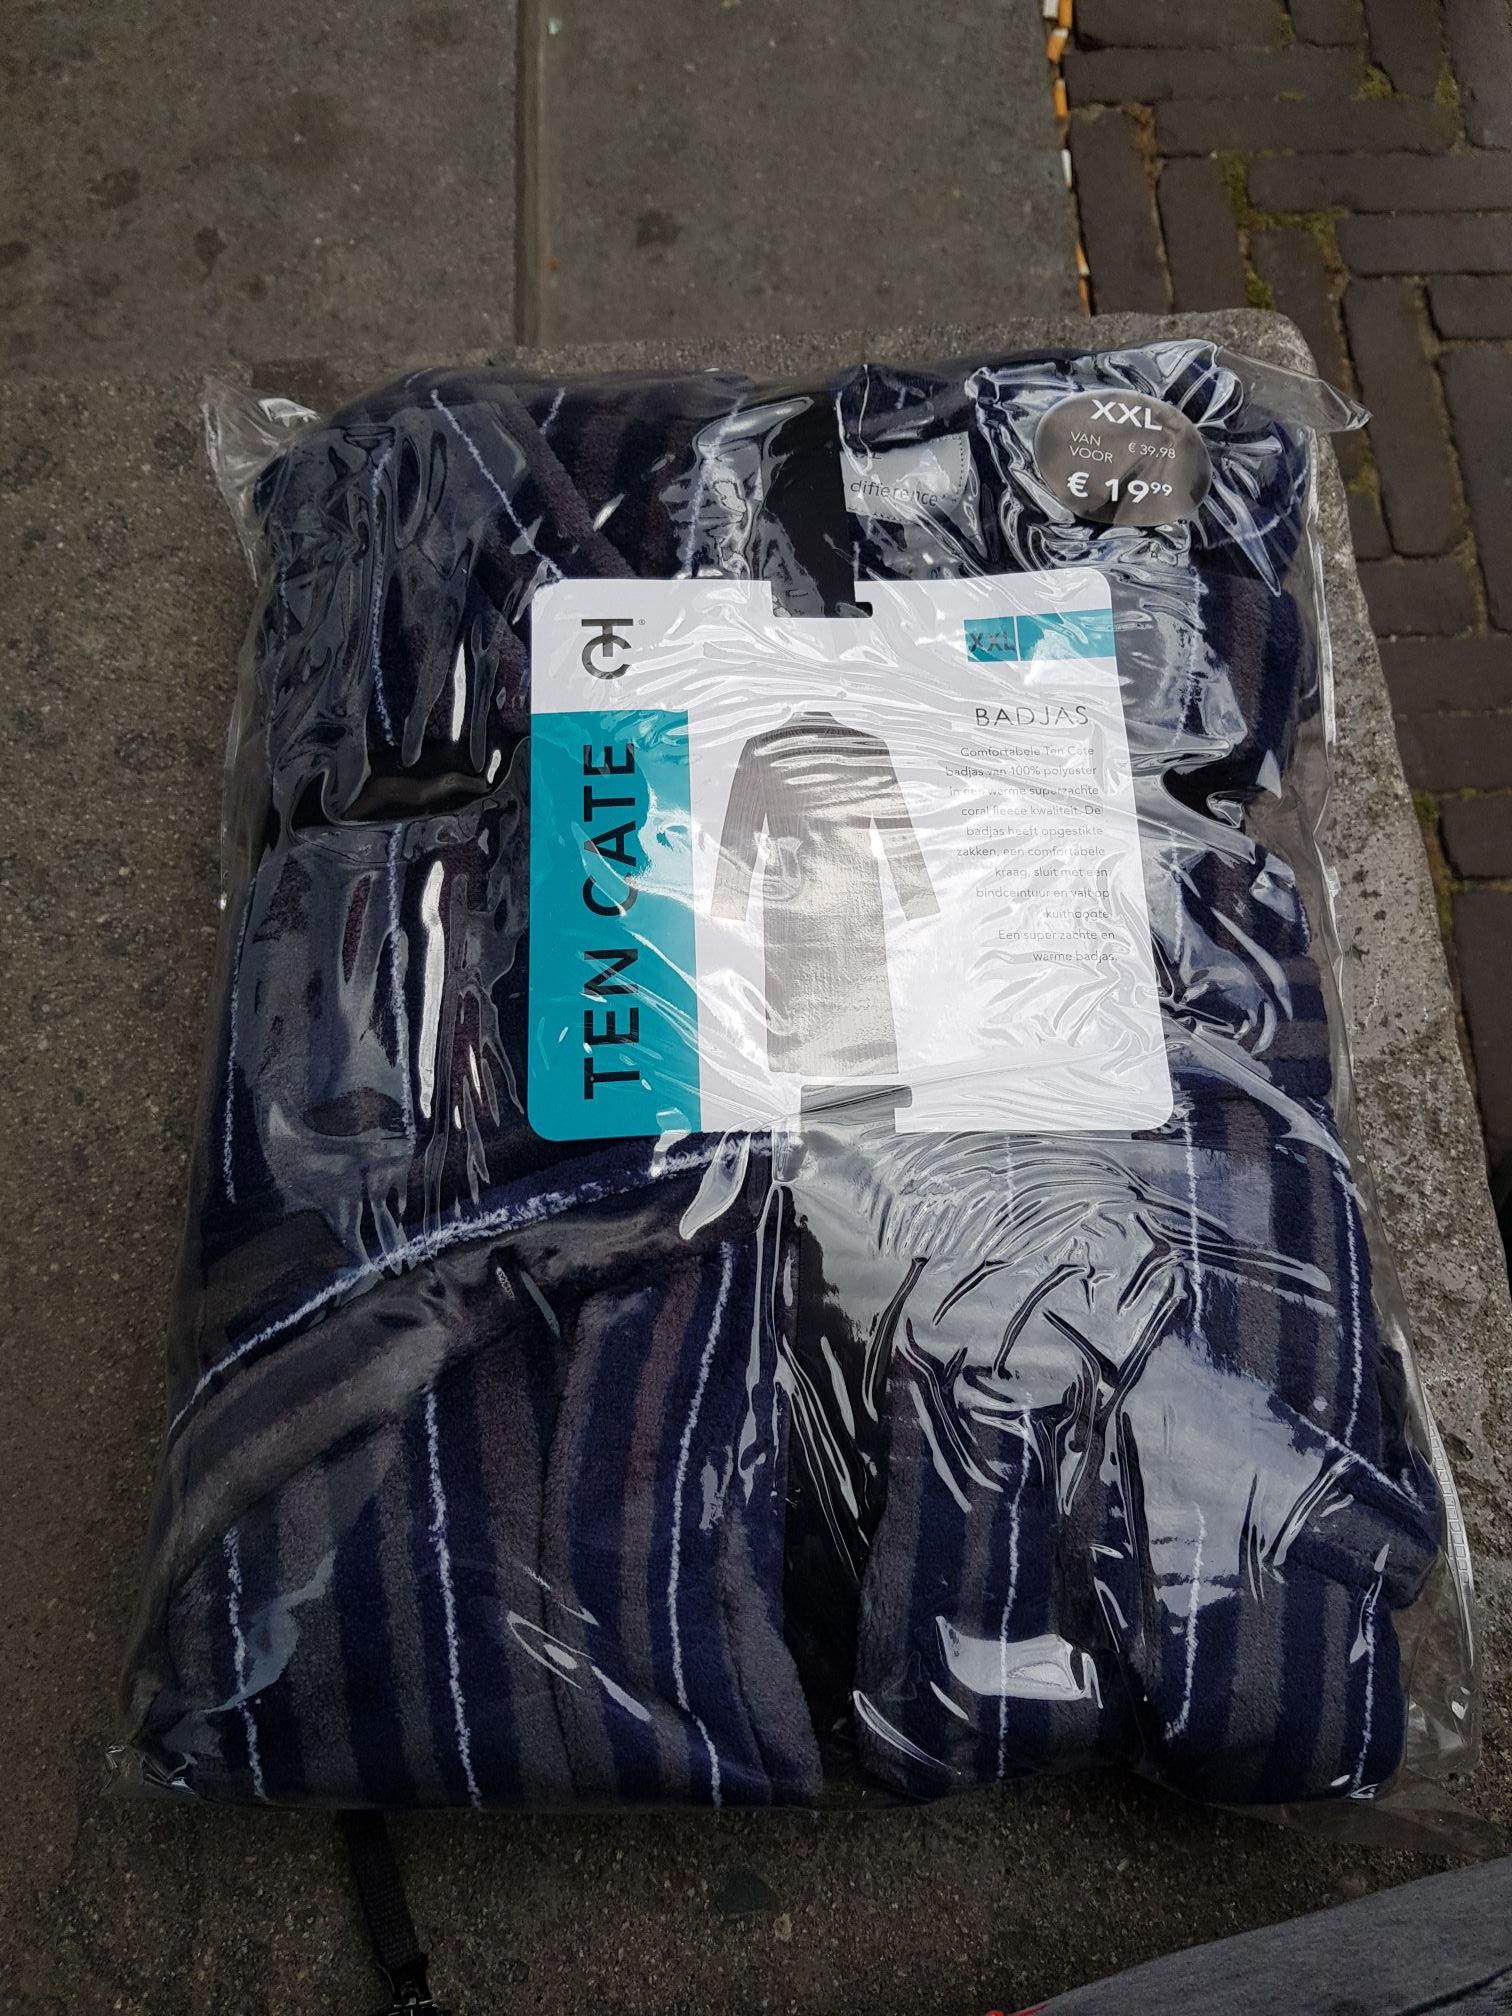 Diversen Heren/dames badjassen AH Torenstraat Den Haag van 20 voor 2,50